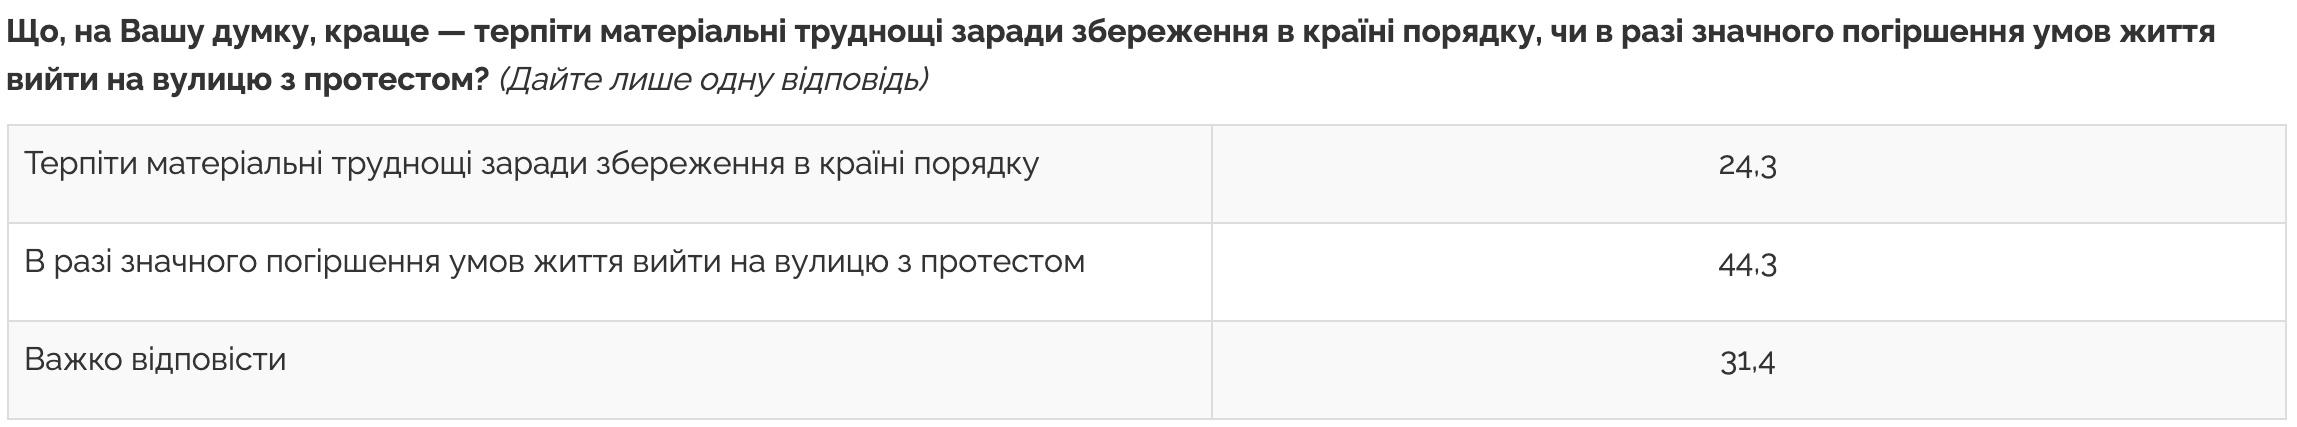 В протестах готовы участвовать около 40% украинцев, в основном из-за повышения цен – опрос